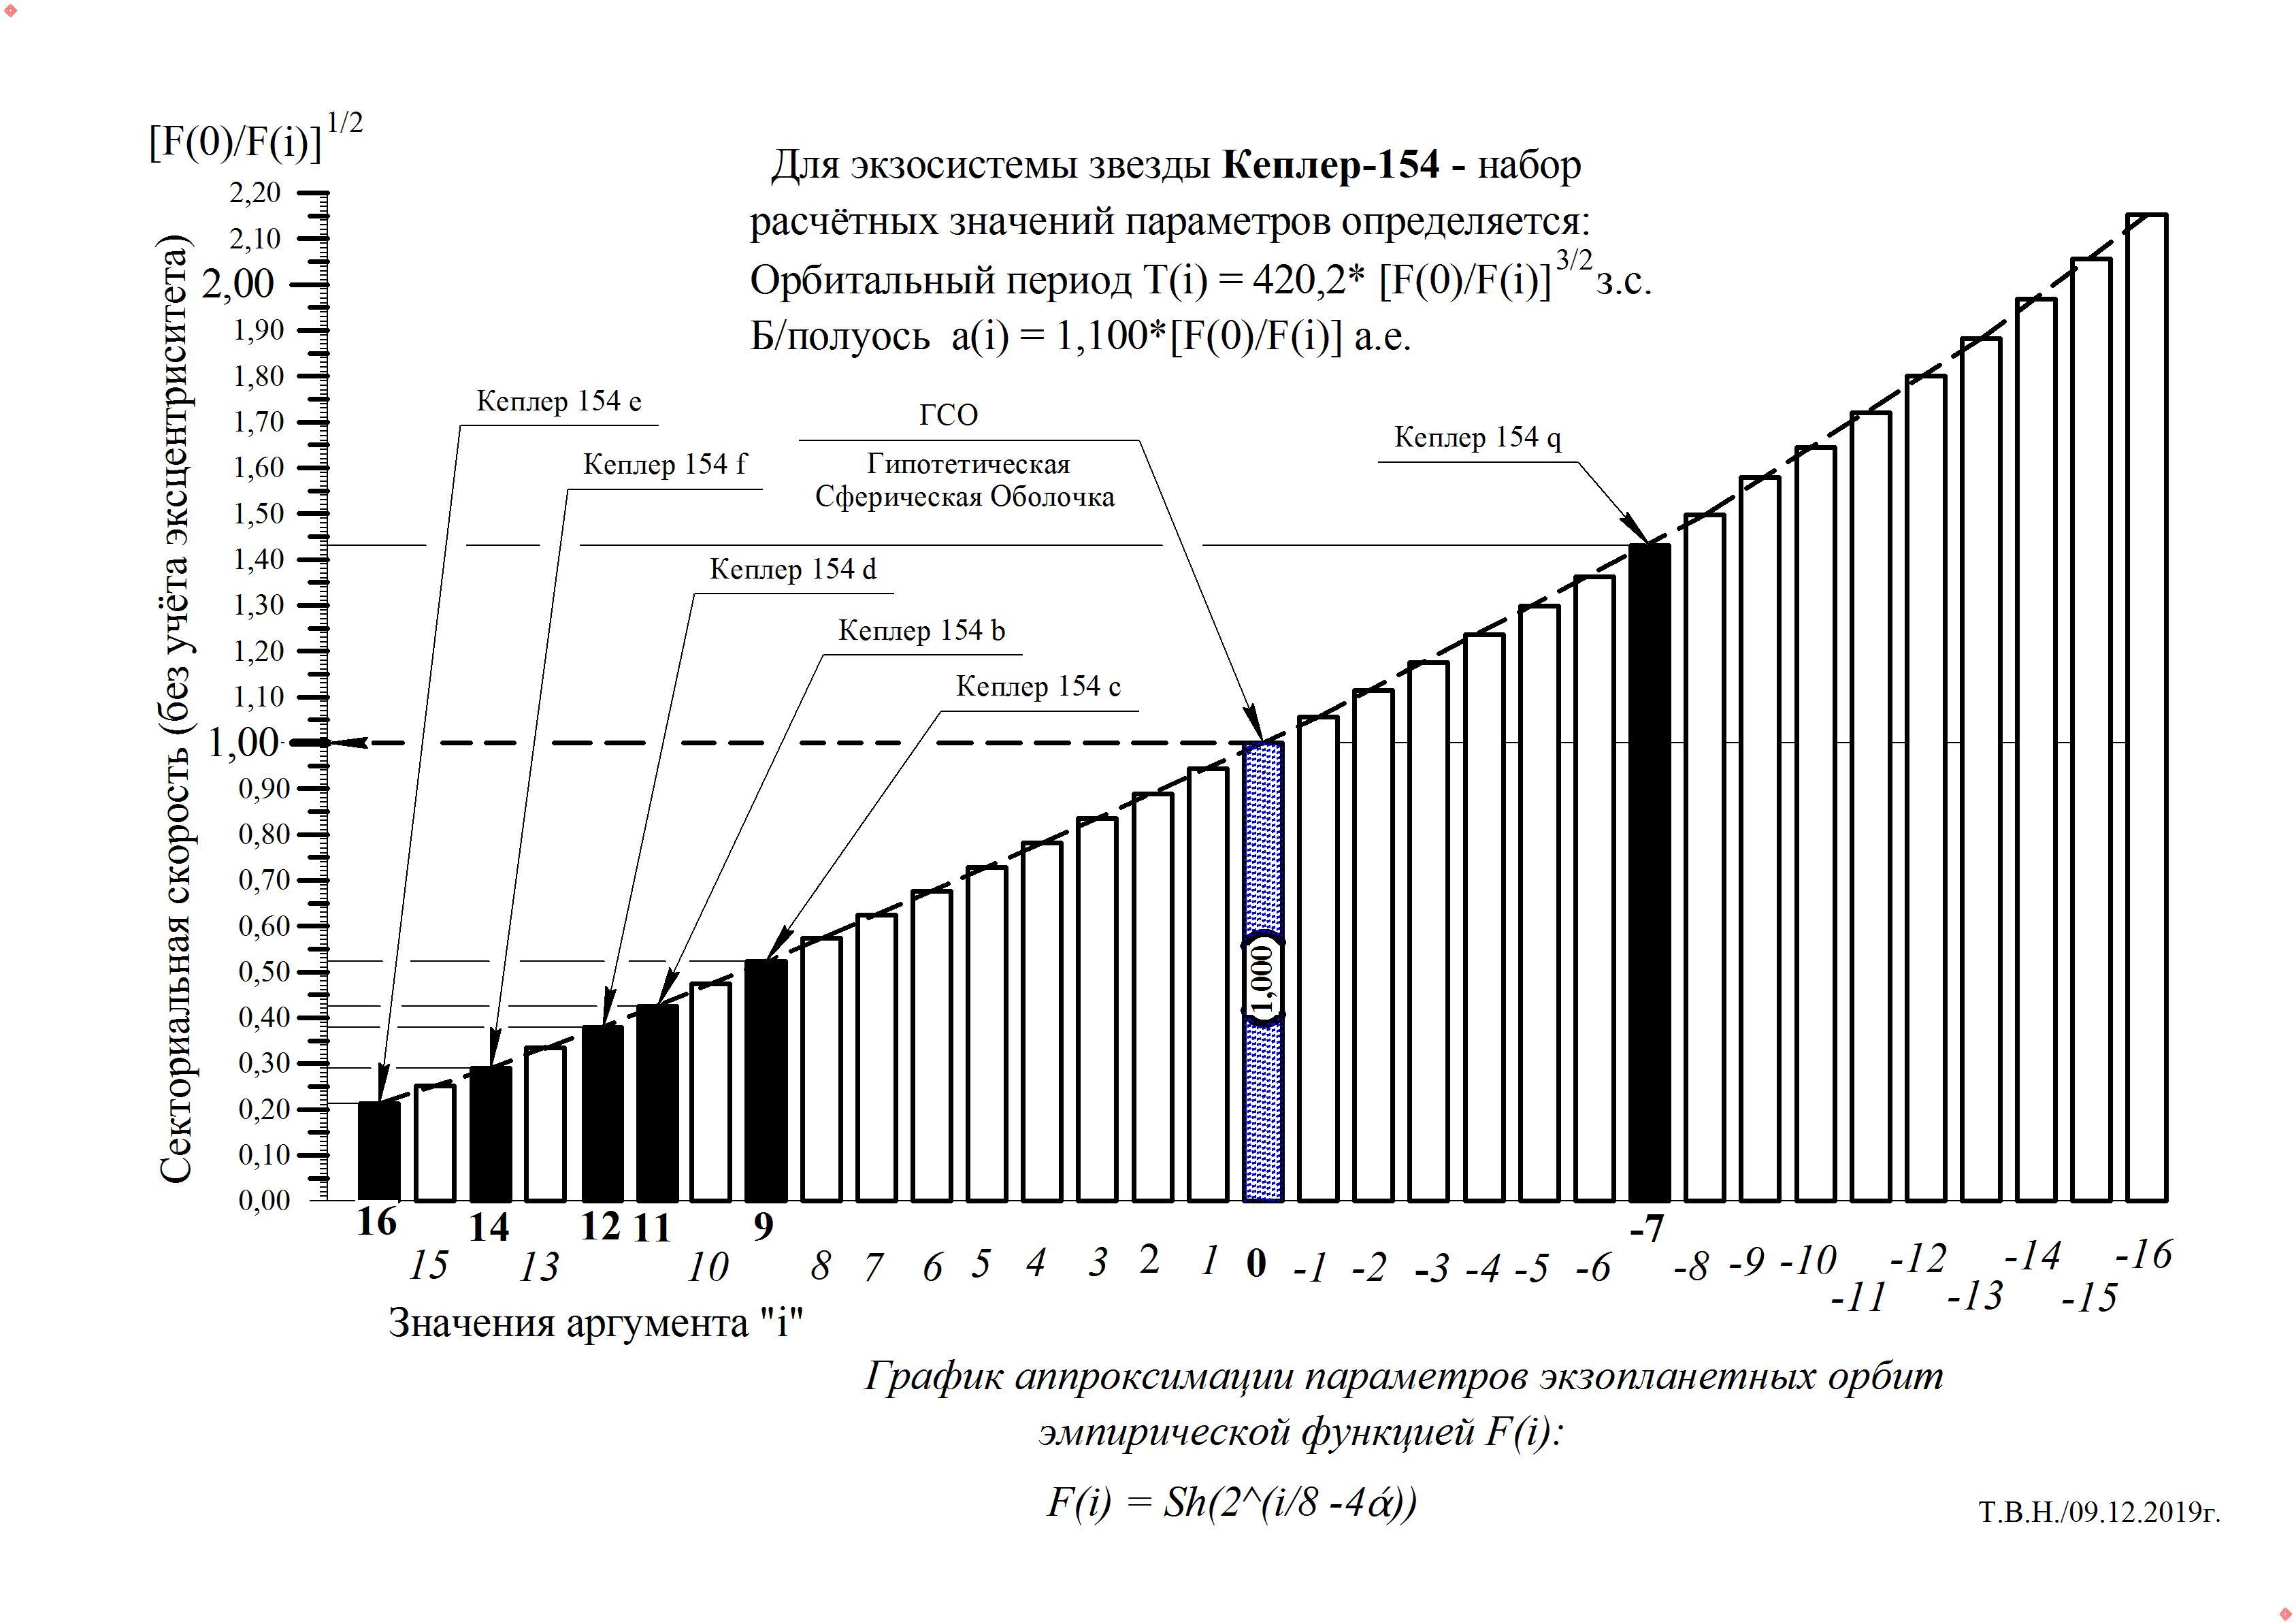 Кеплер-154 (9.12.19).jpg